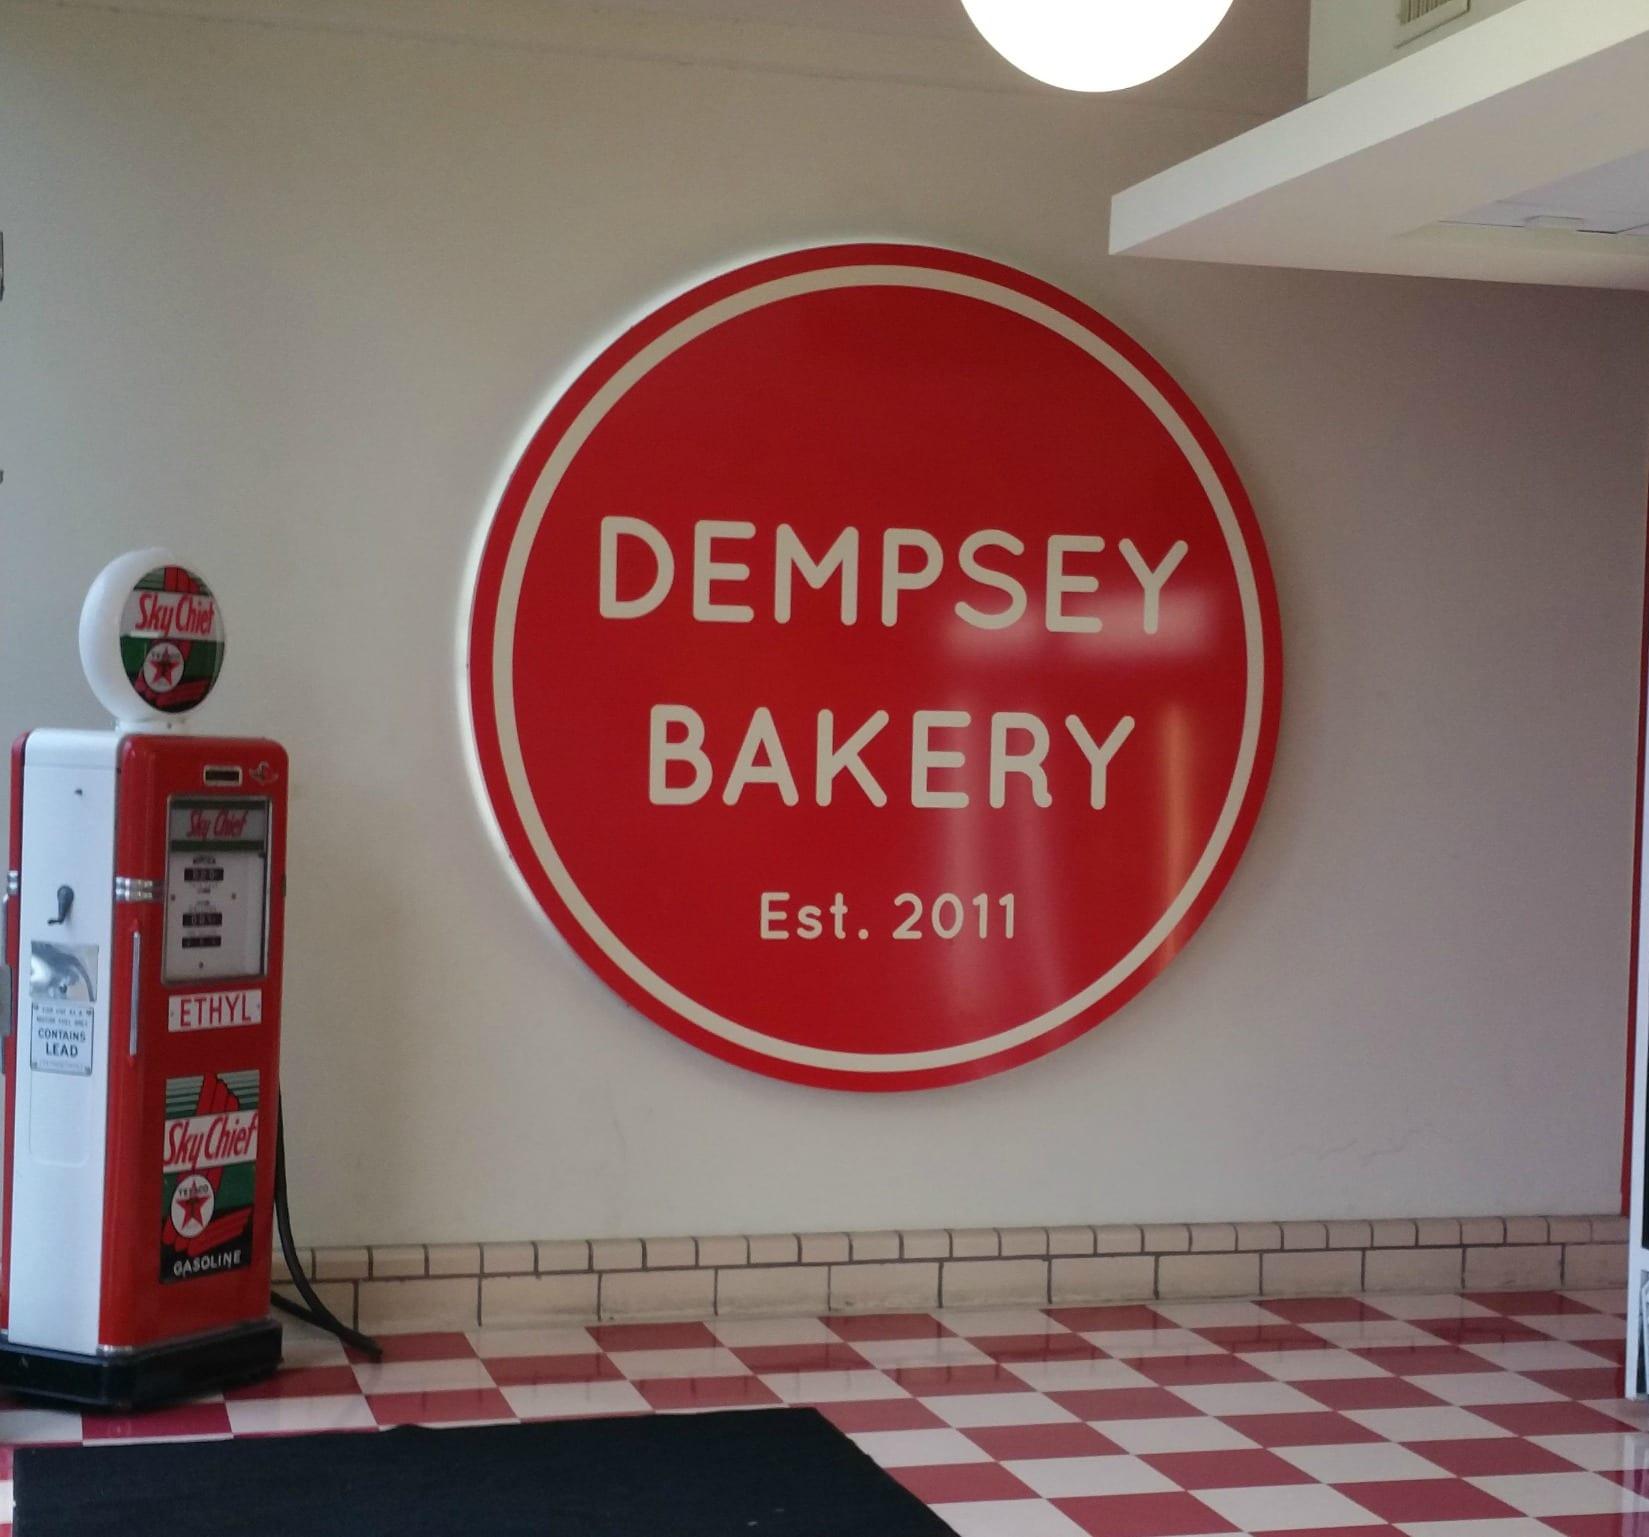 Dempsey Bakery